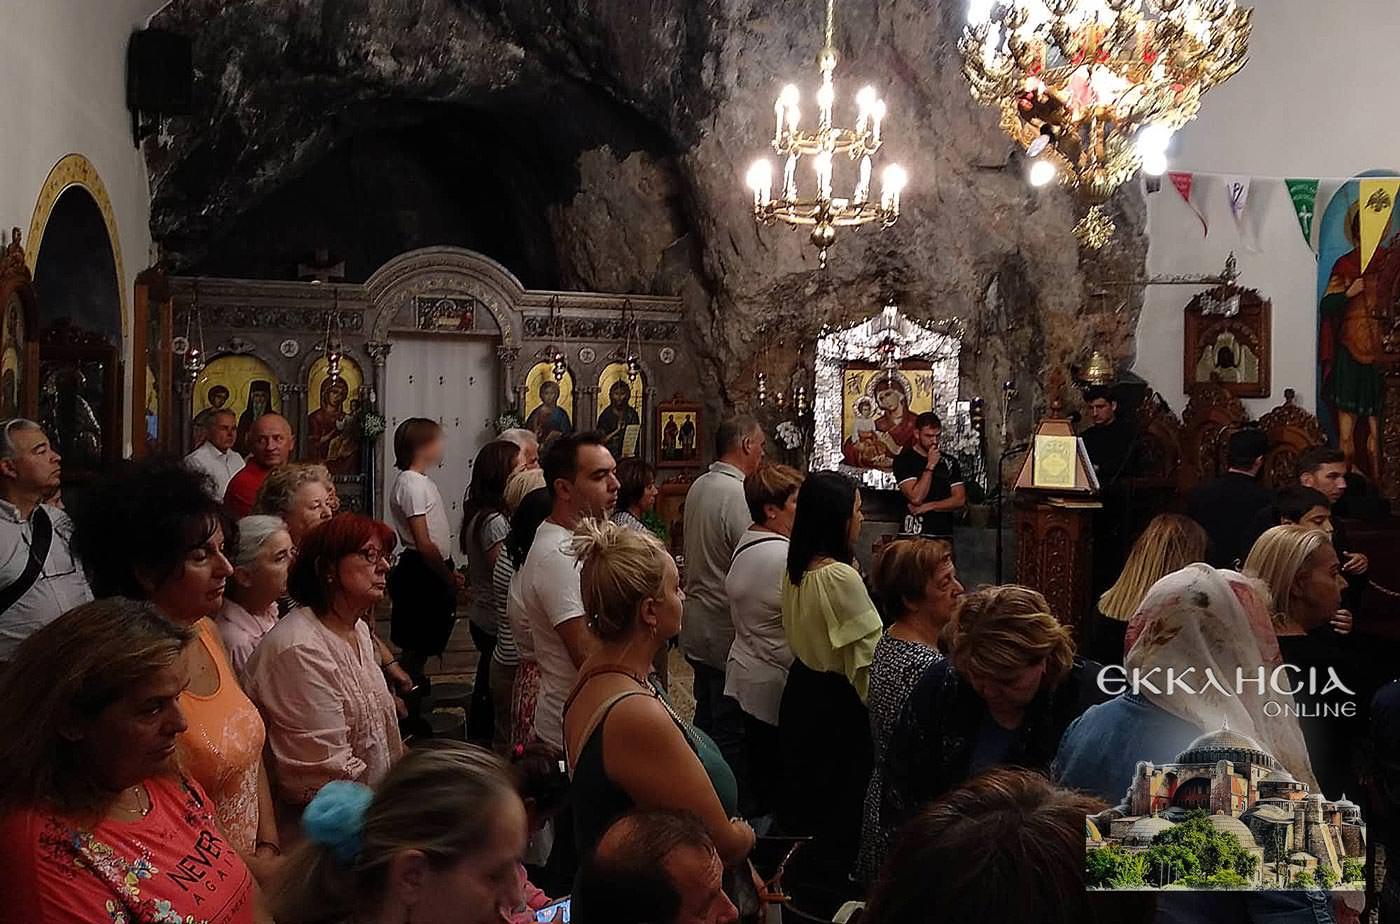 Ιερός Ναός Αγίων Ισιδώρων Λυκαβηττού Τιμίου Σταυρού